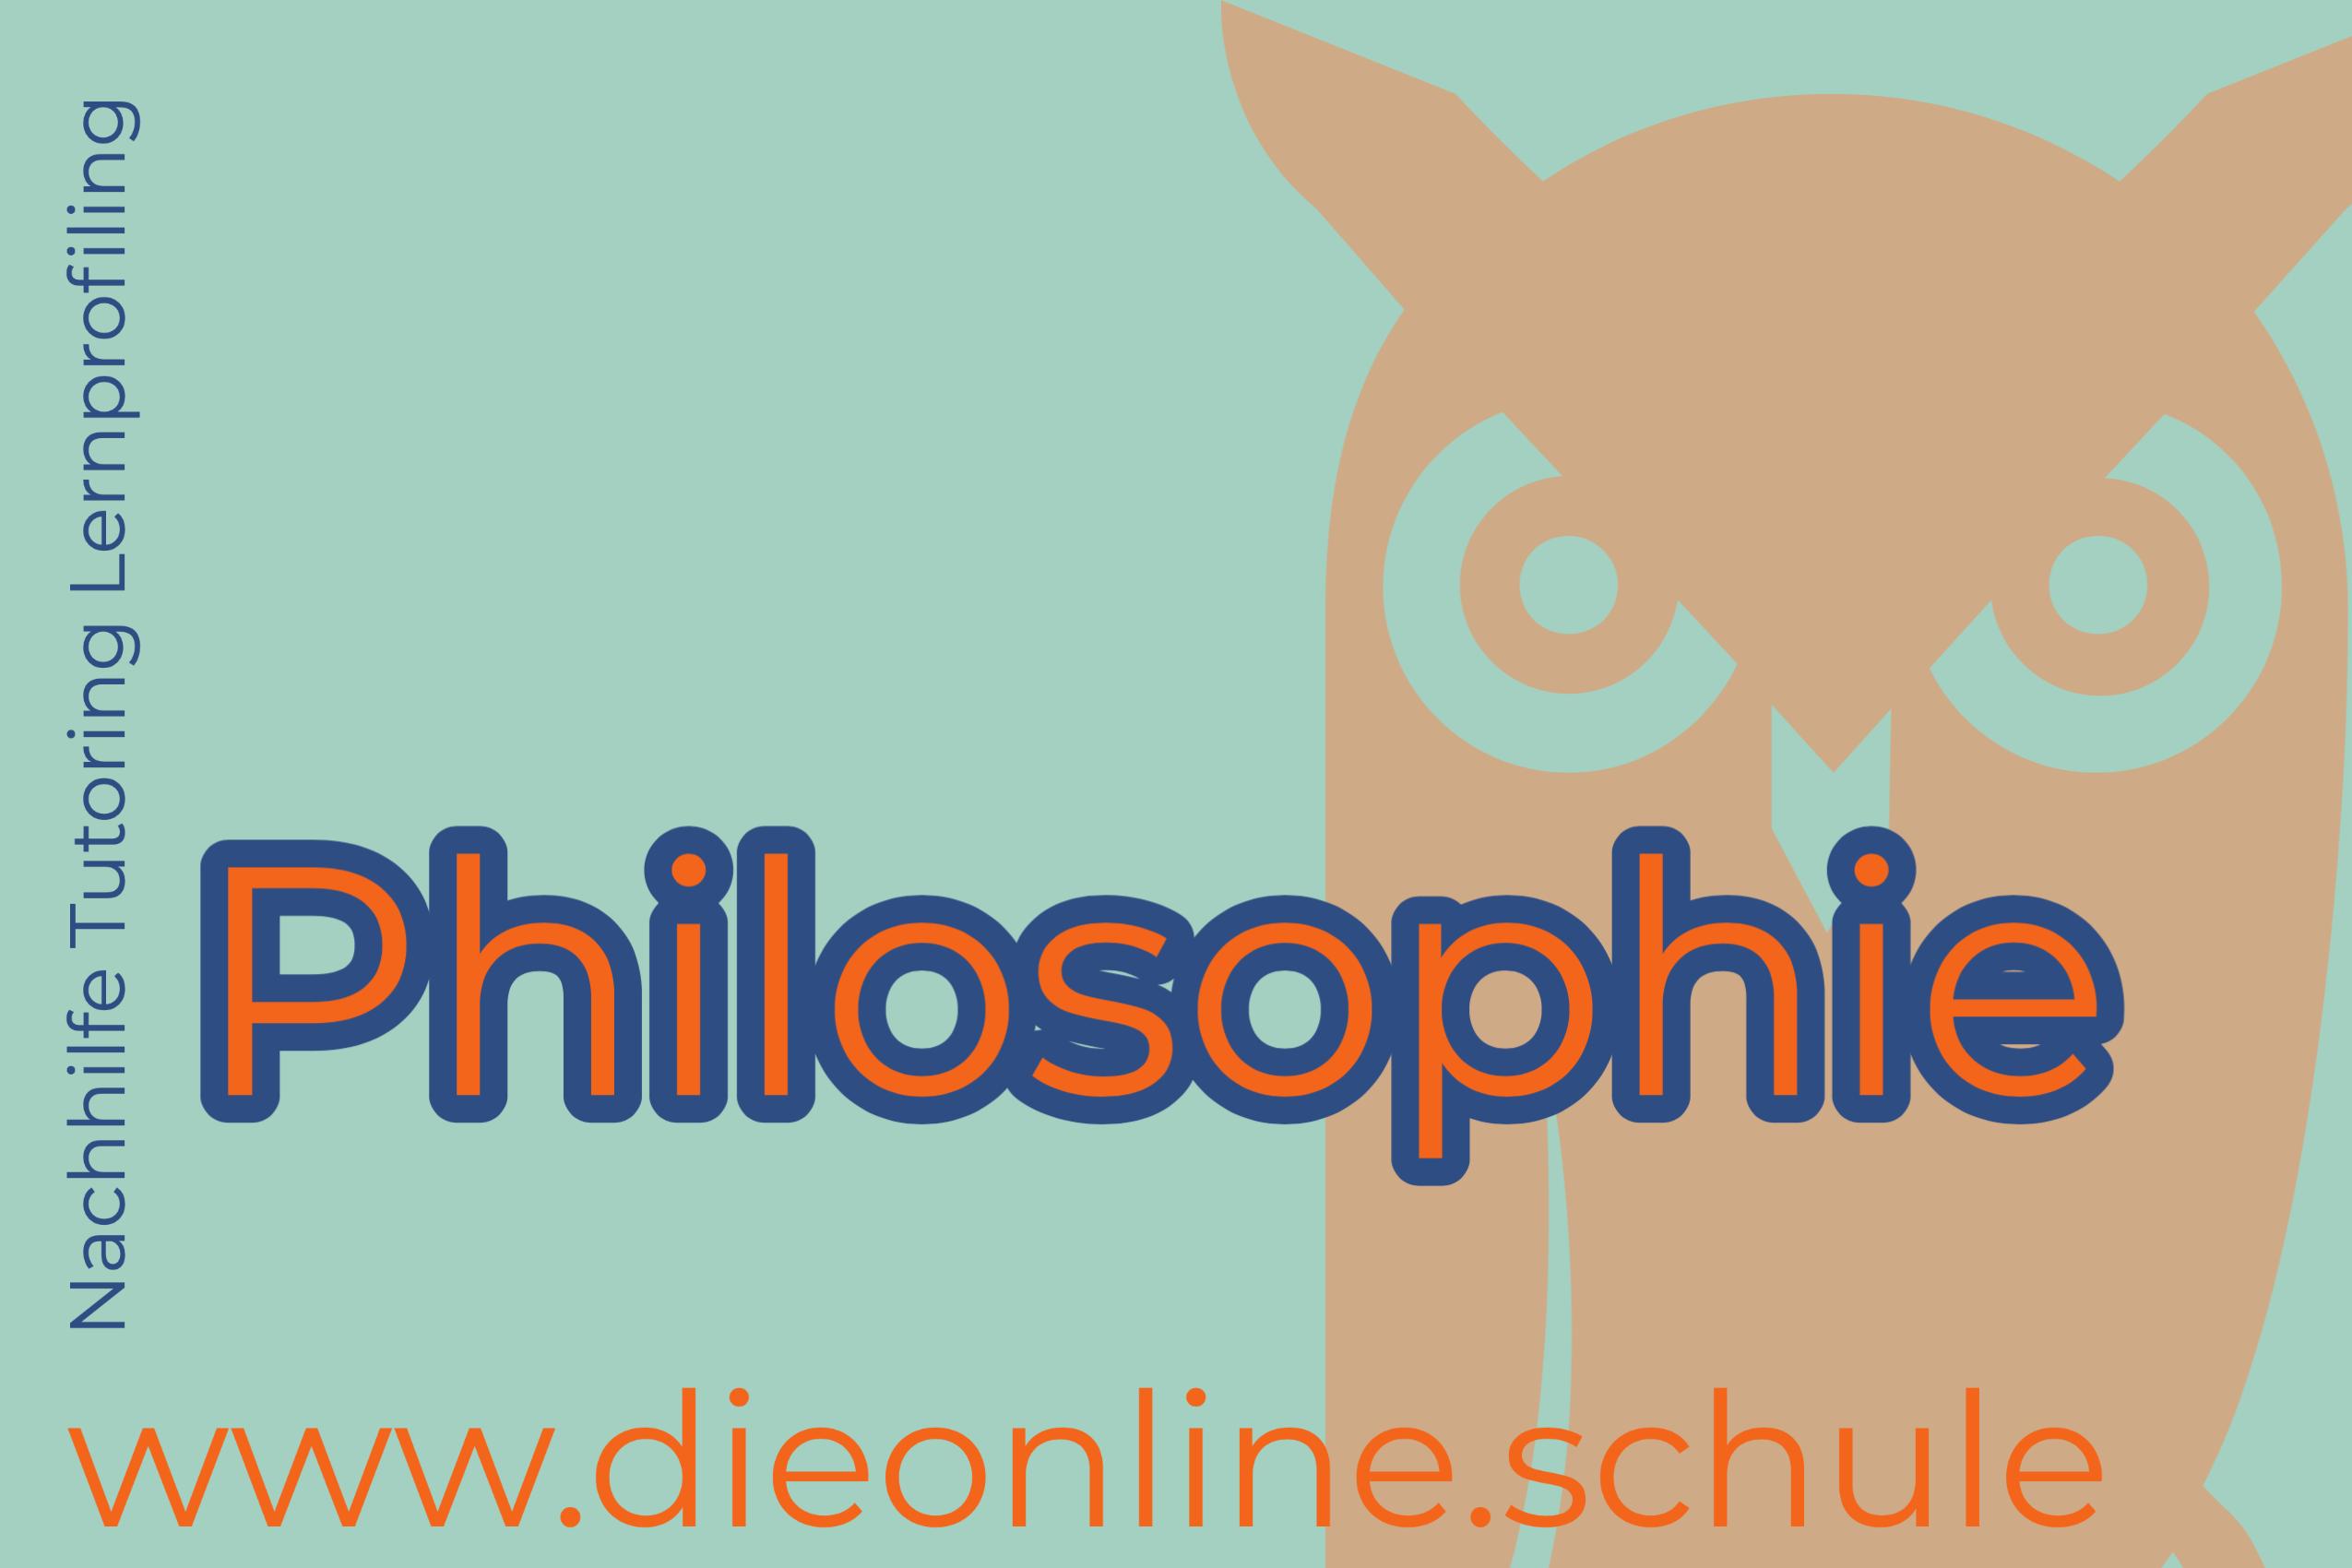 Fachraum Philosophie/ Ethik